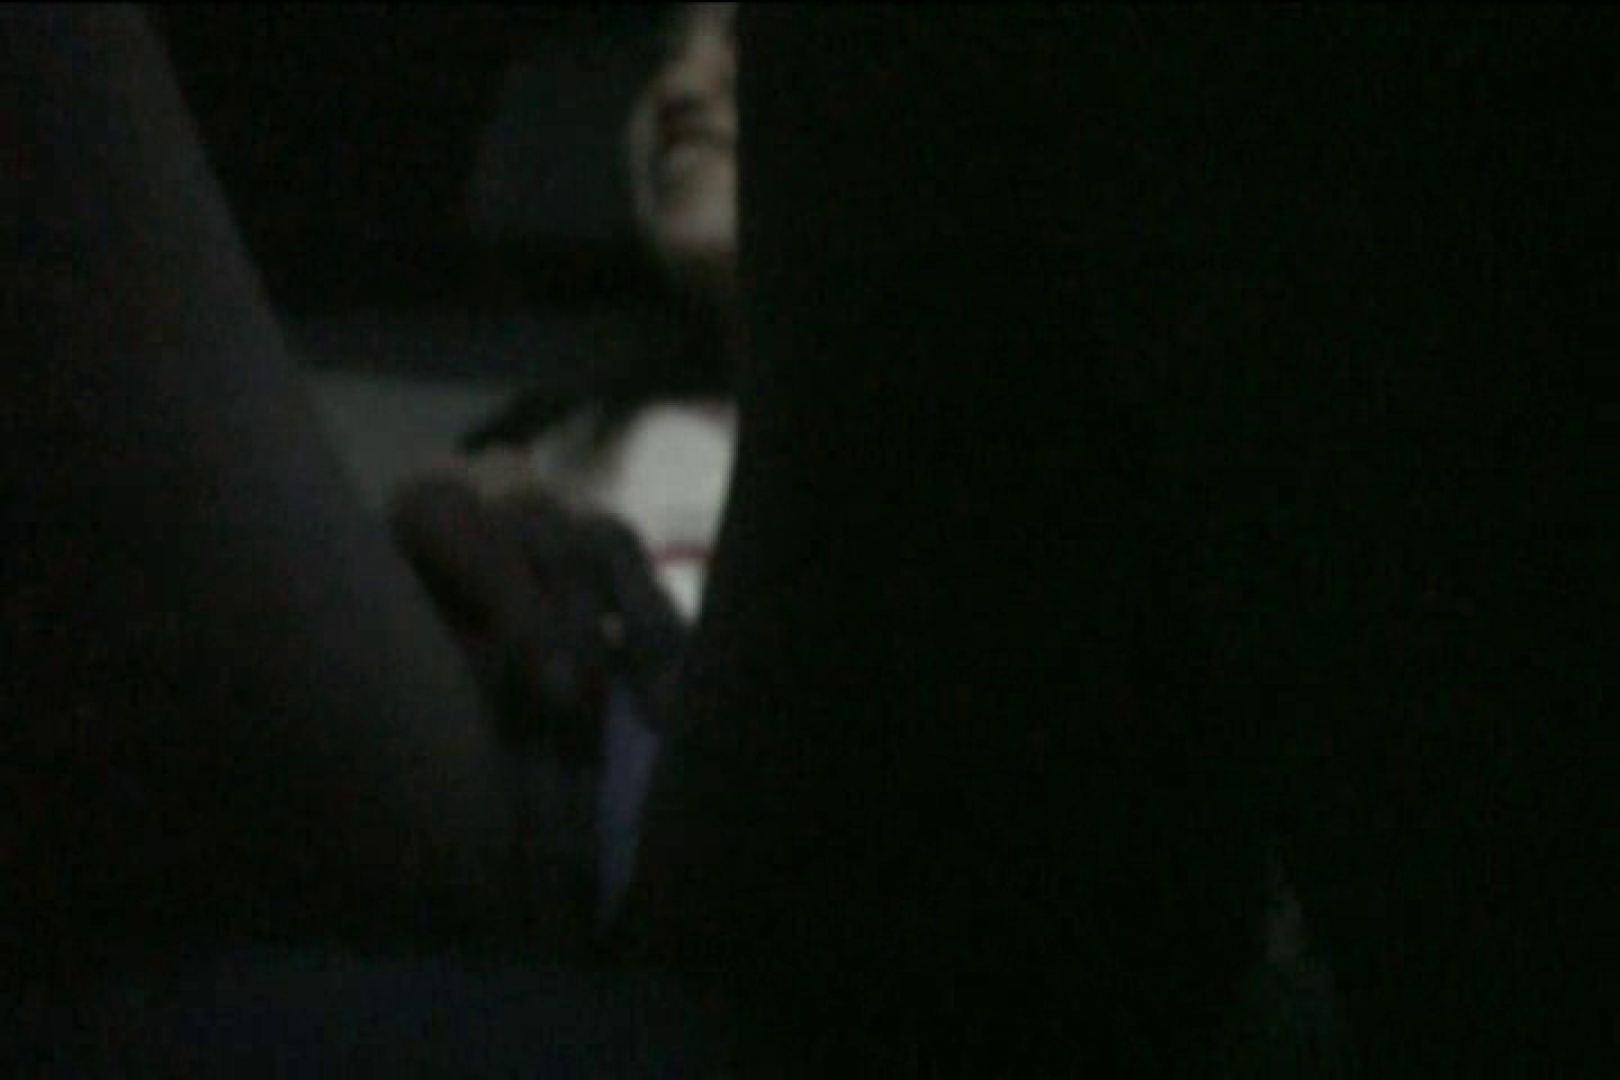 車内で初めまして! vol01 車 盗撮動画紹介 105連発 61